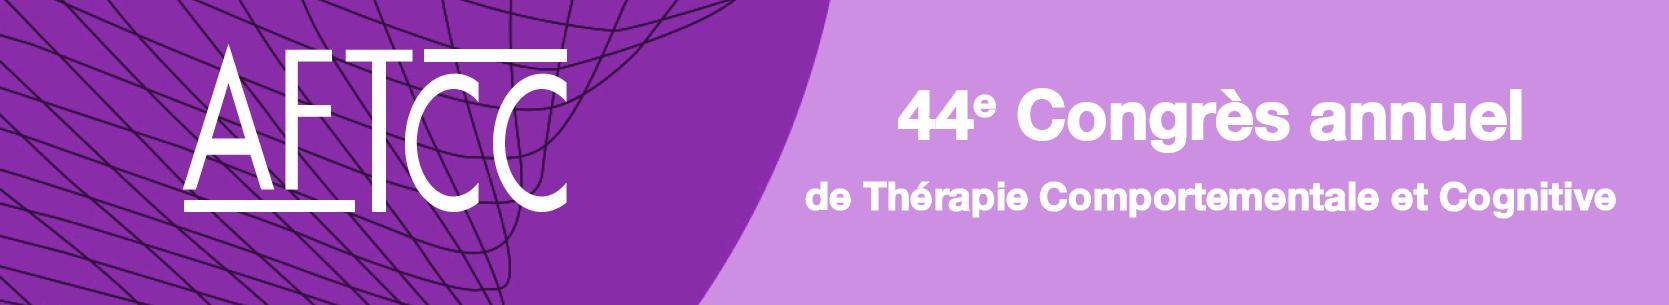 aftcc-44e-congres